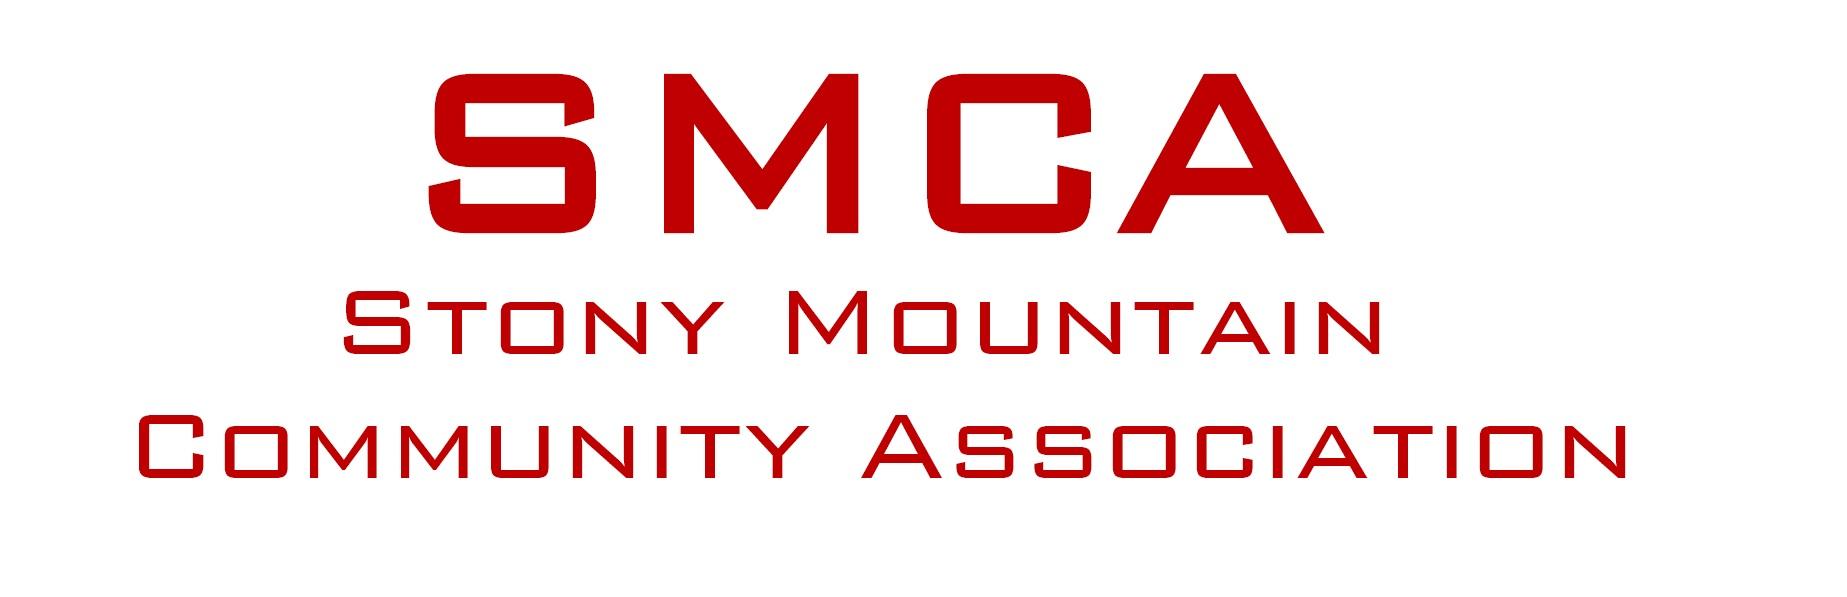 https://0901.nccdn.net/4_2/000/000/050/773/smca-logo.jpg